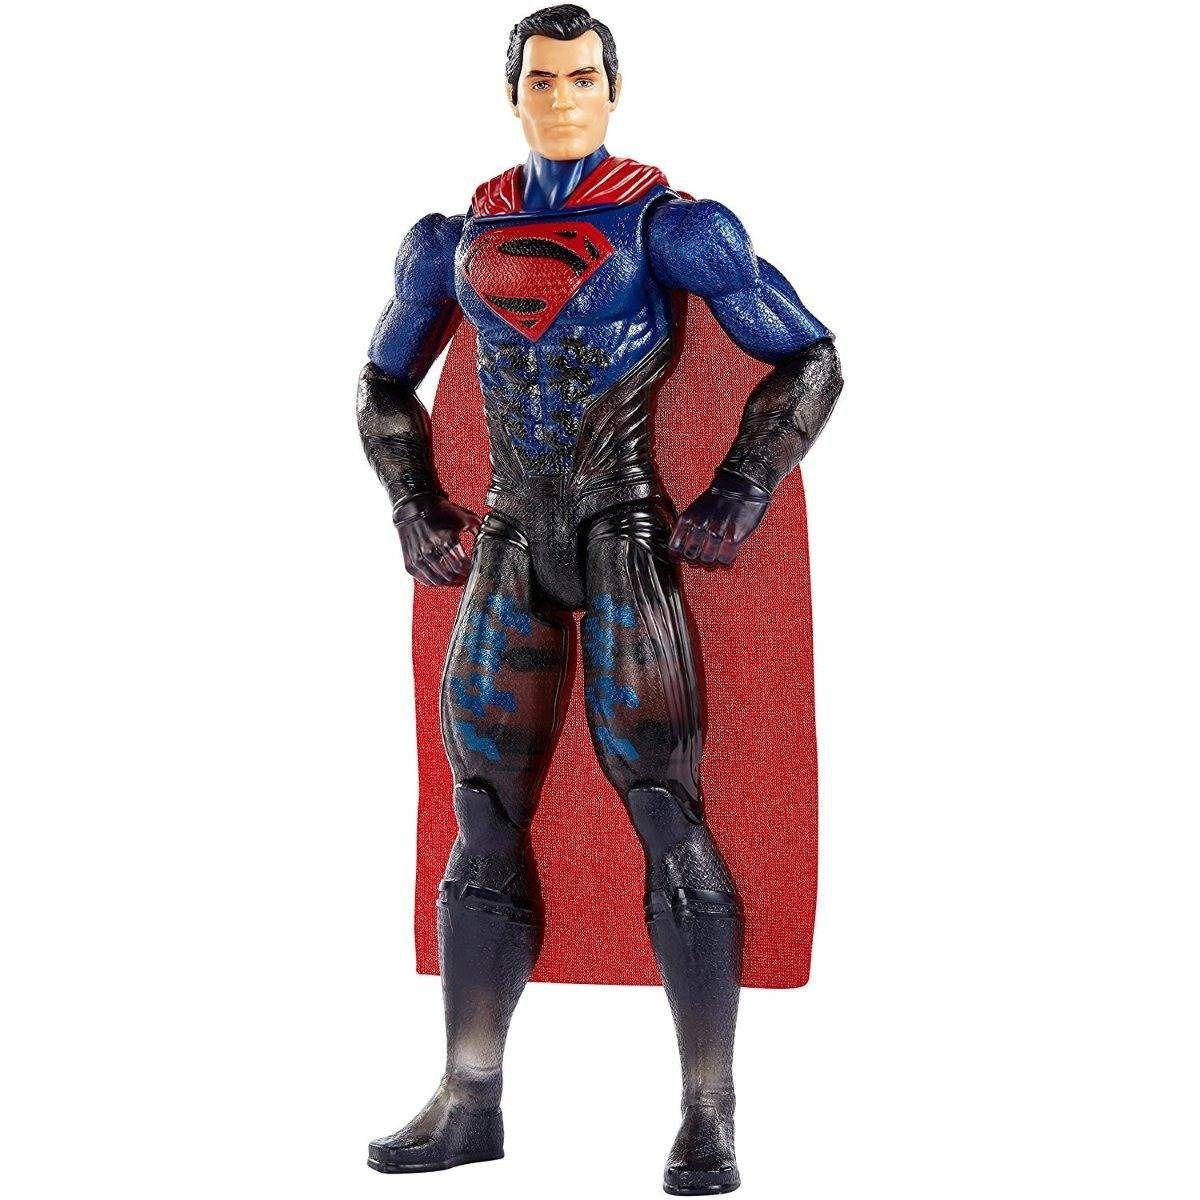 BONECO SUPERMAN LIGA DA JUSTIÇA